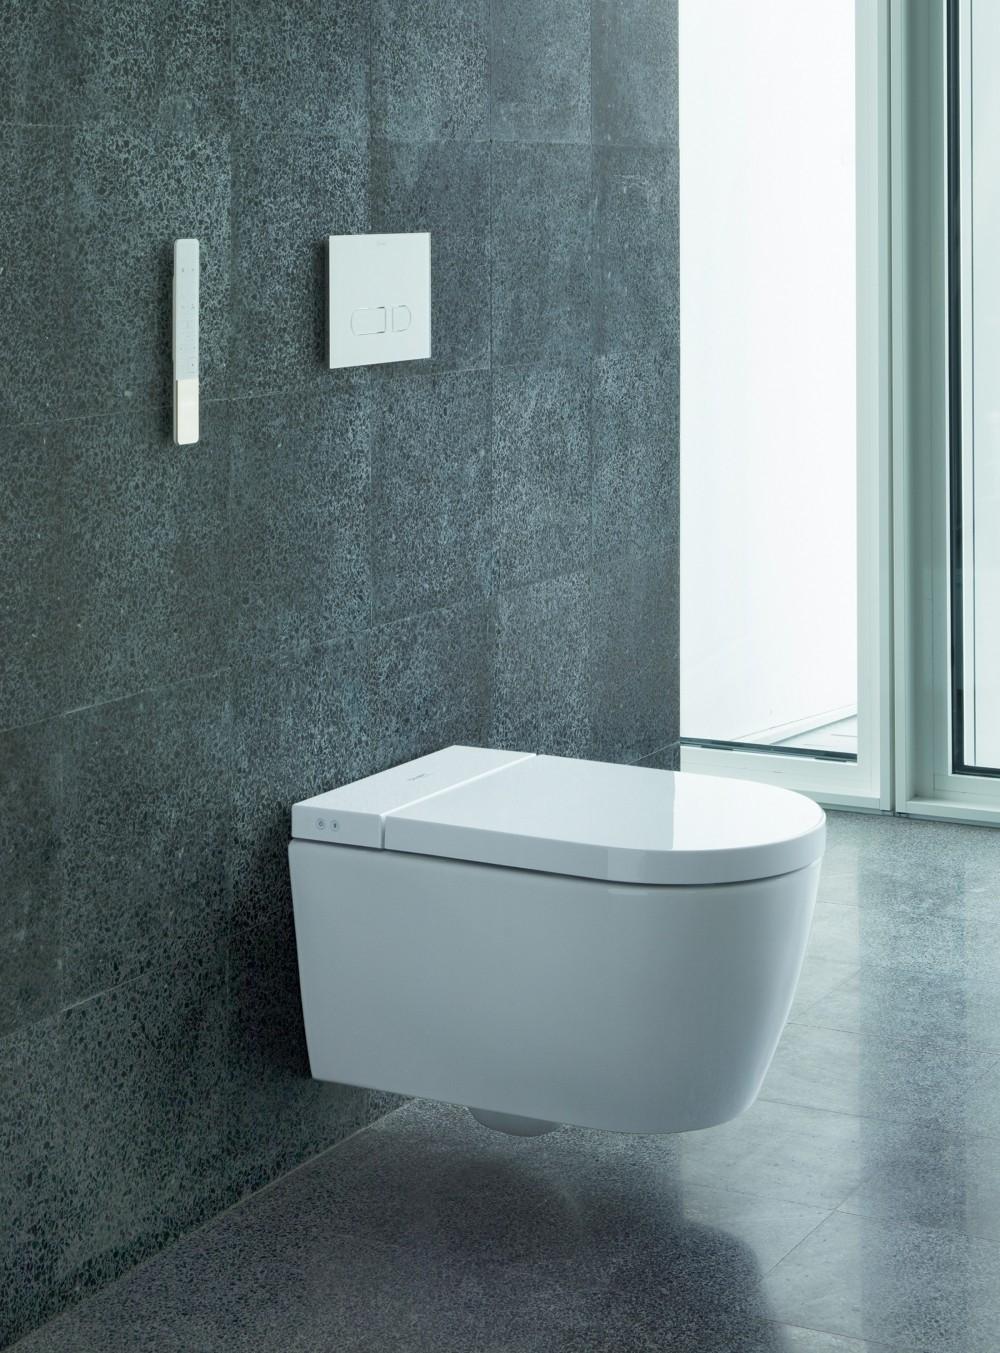 rimless wall-hung toilet duravit sensowash starck f